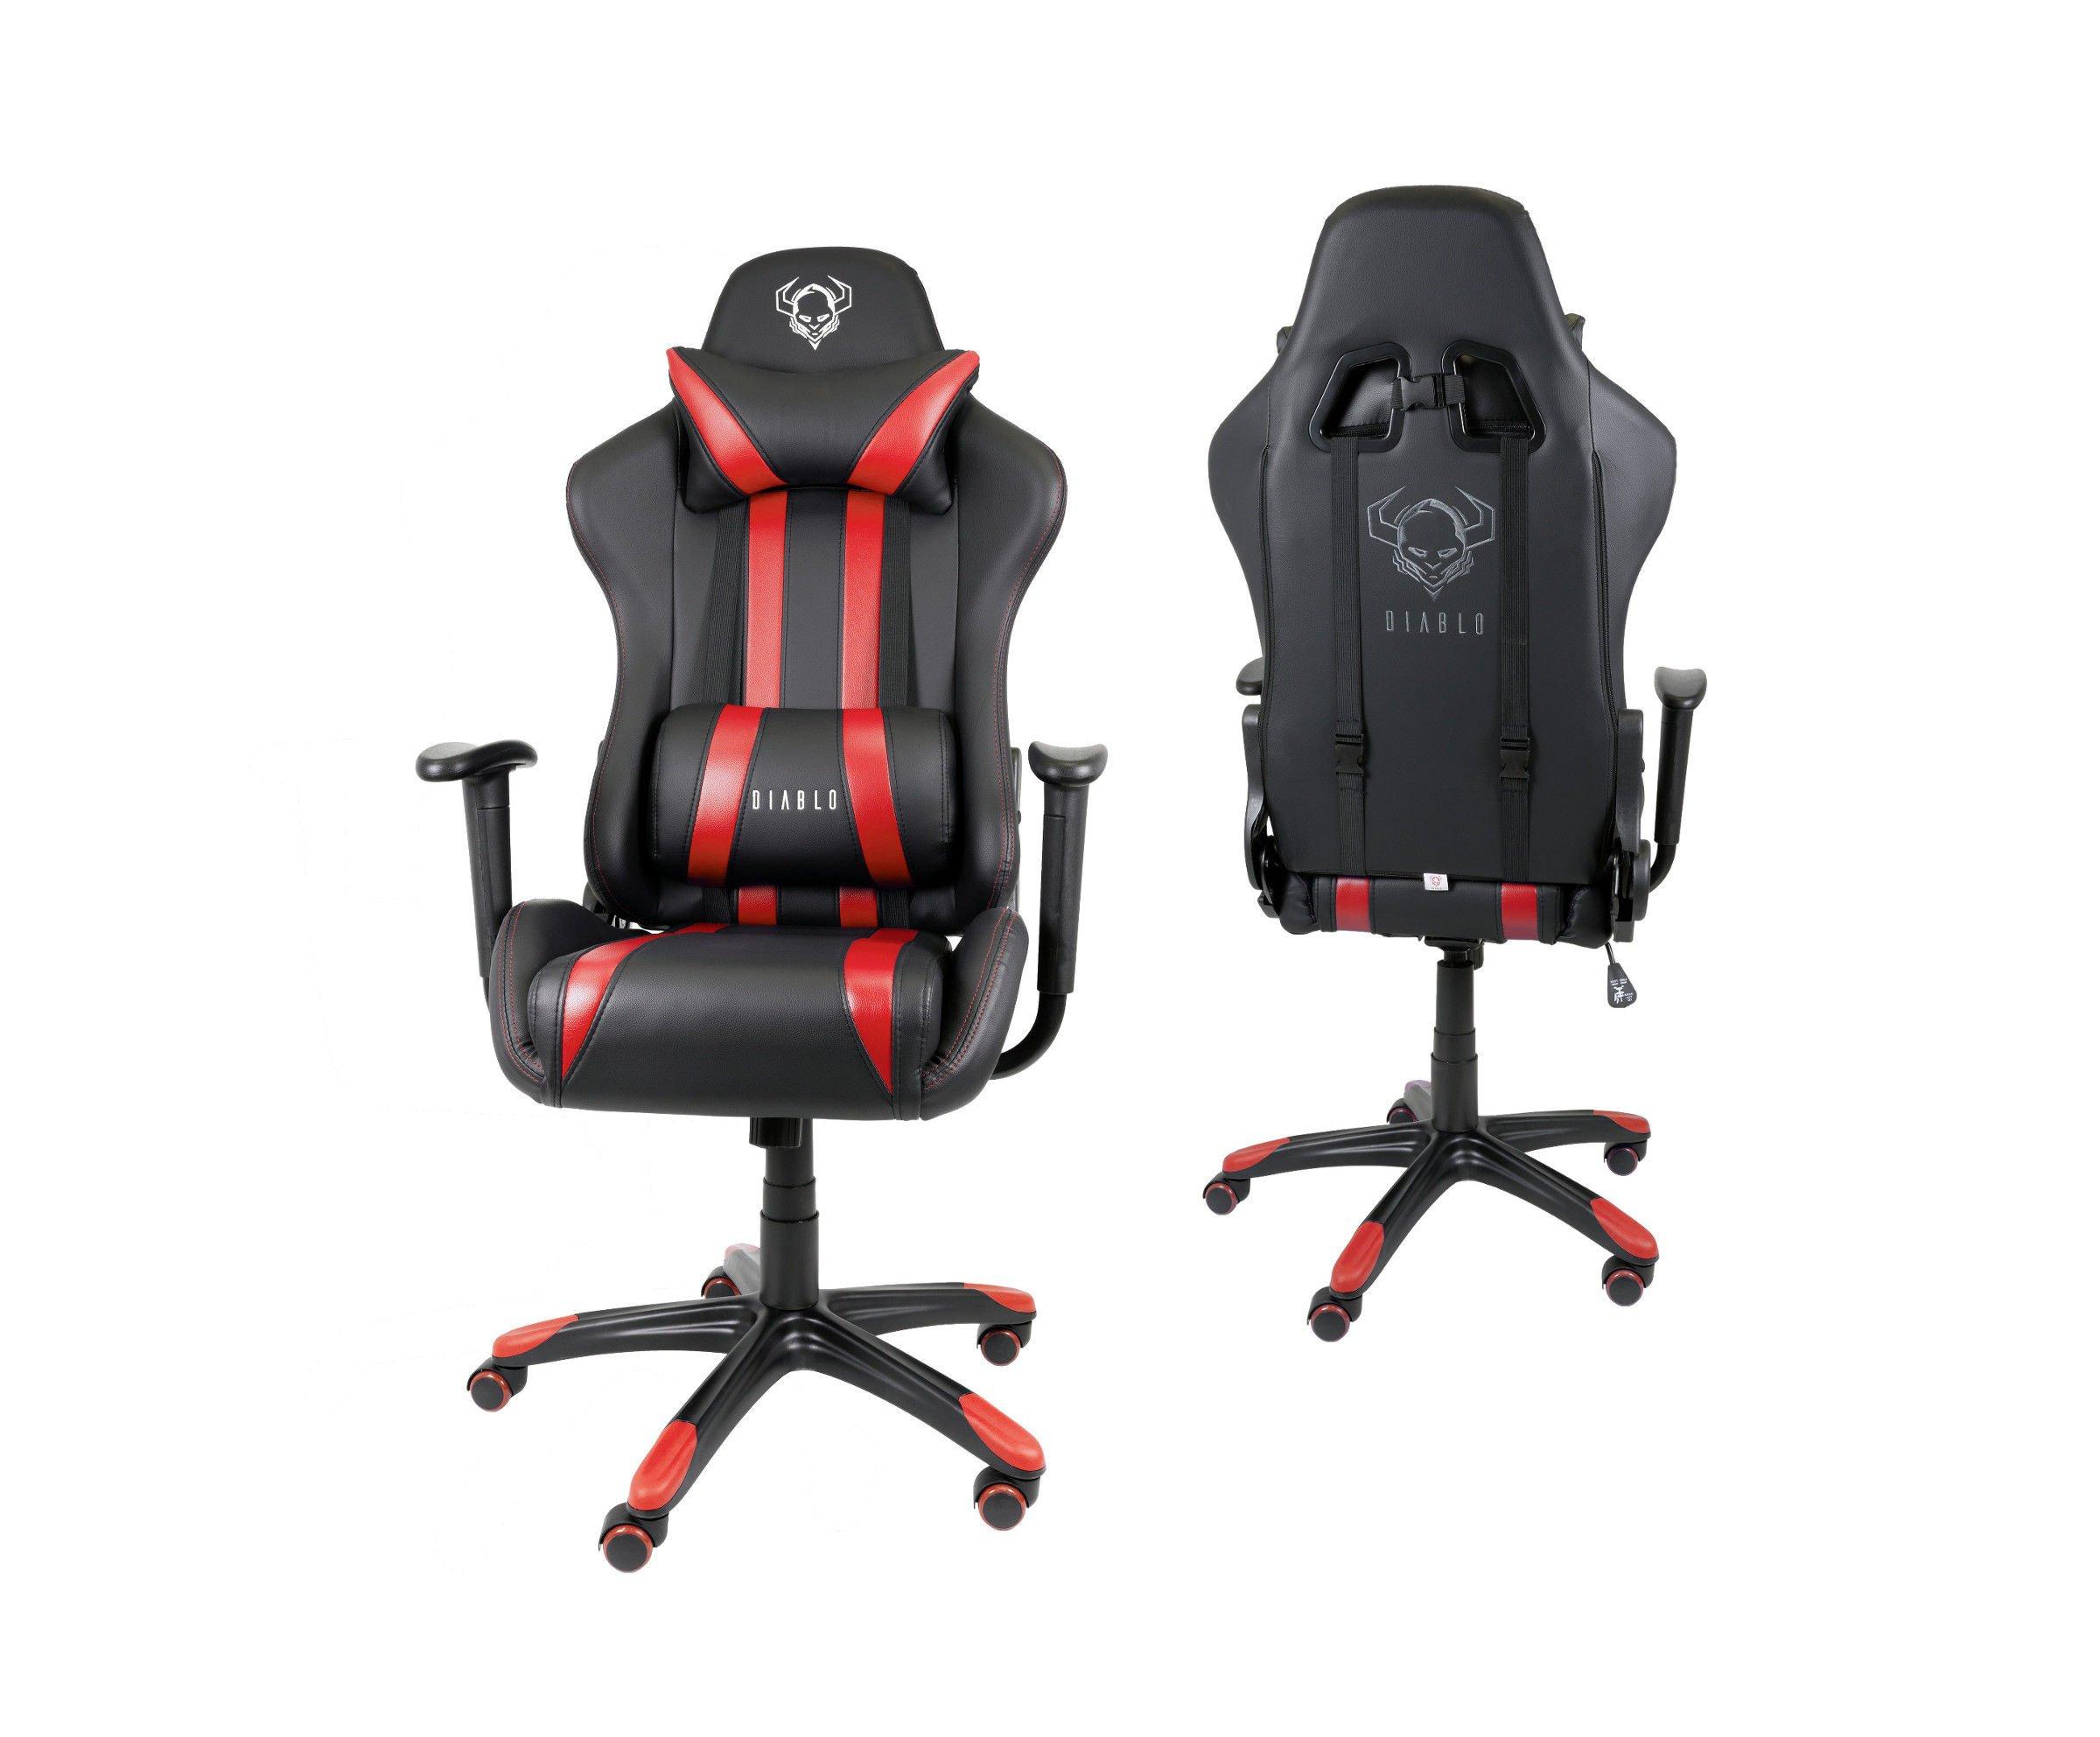 sessel rot, diablo x-one schwarz und rot gaming sessel rot || schwarz | angebot, Design ideen